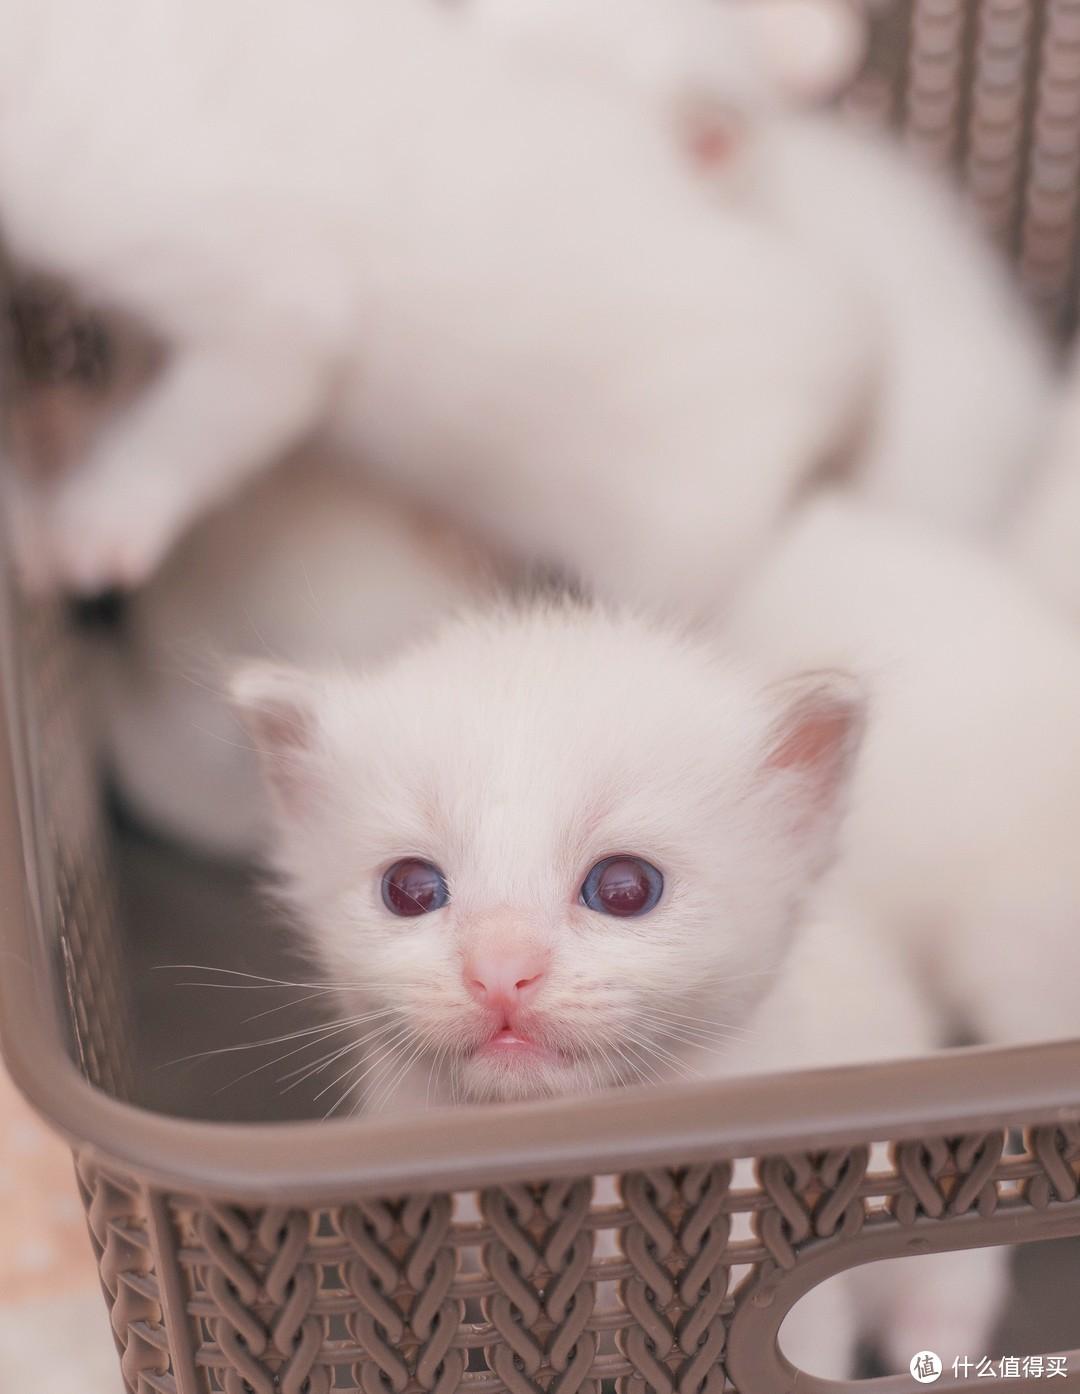 蚀人心骨欲罢不能的瘾——猫